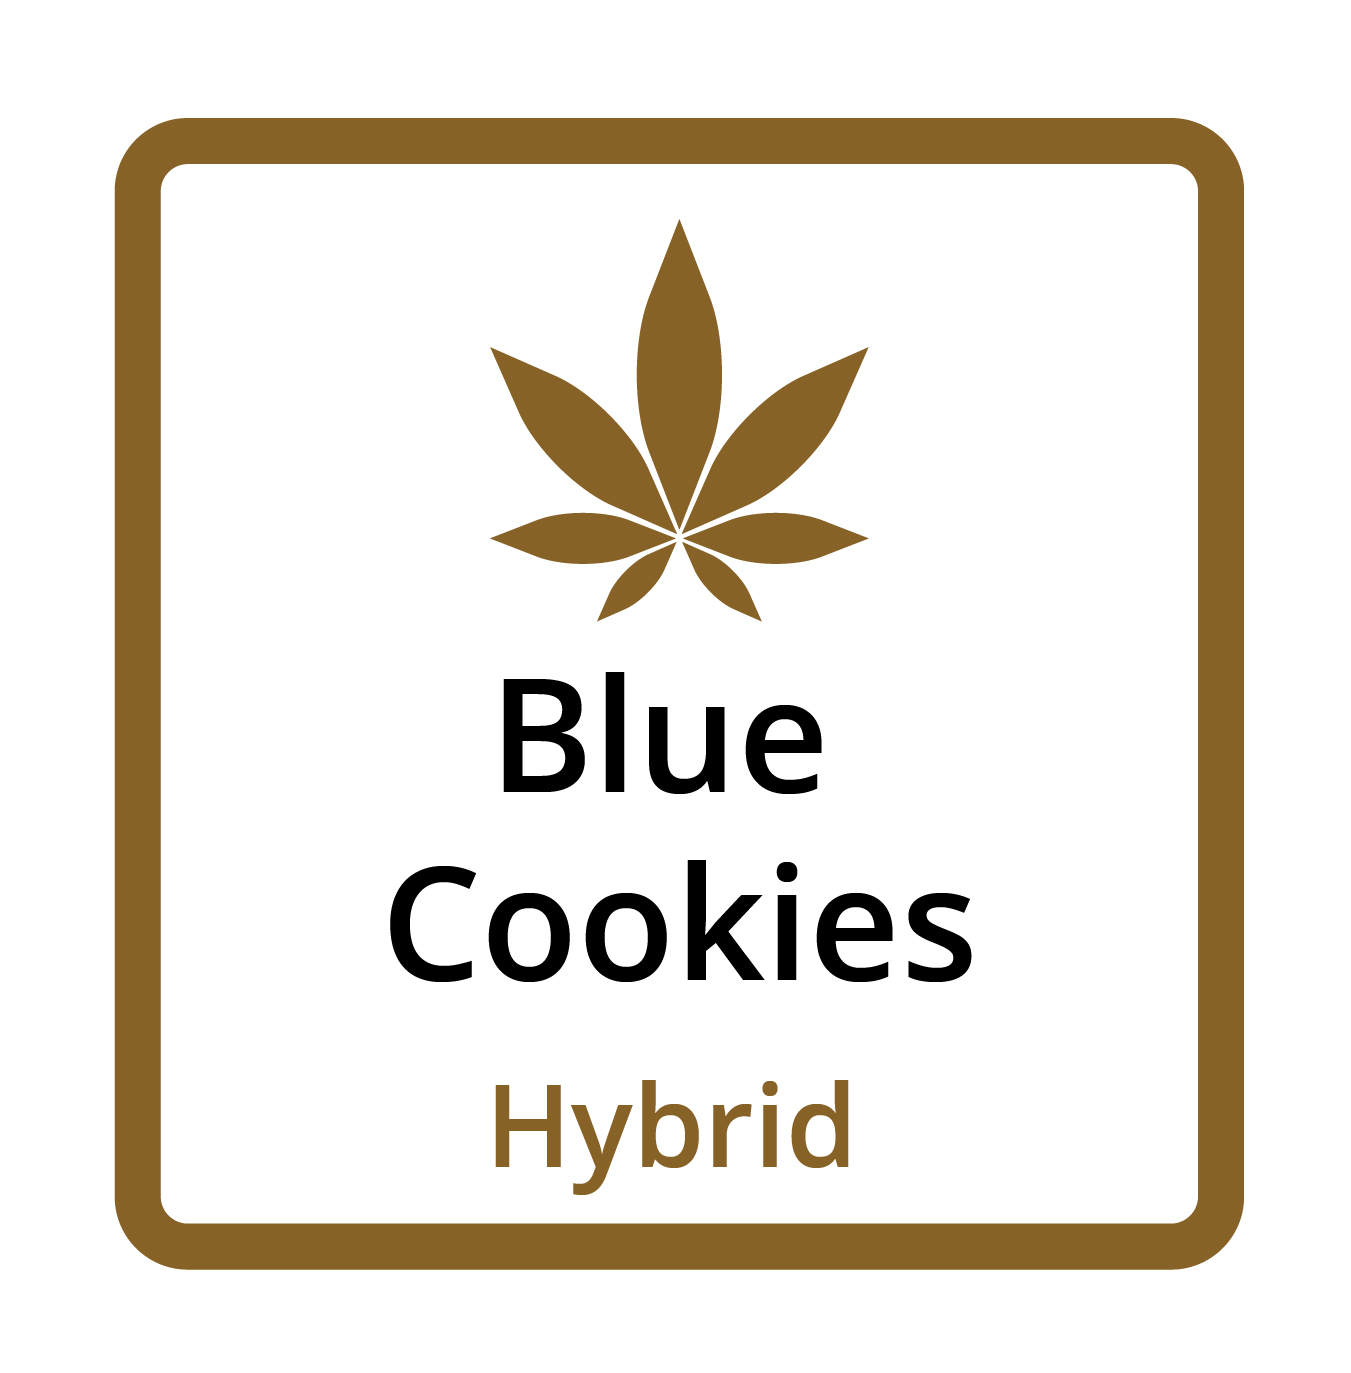 Blue Cookies (Hybrid)